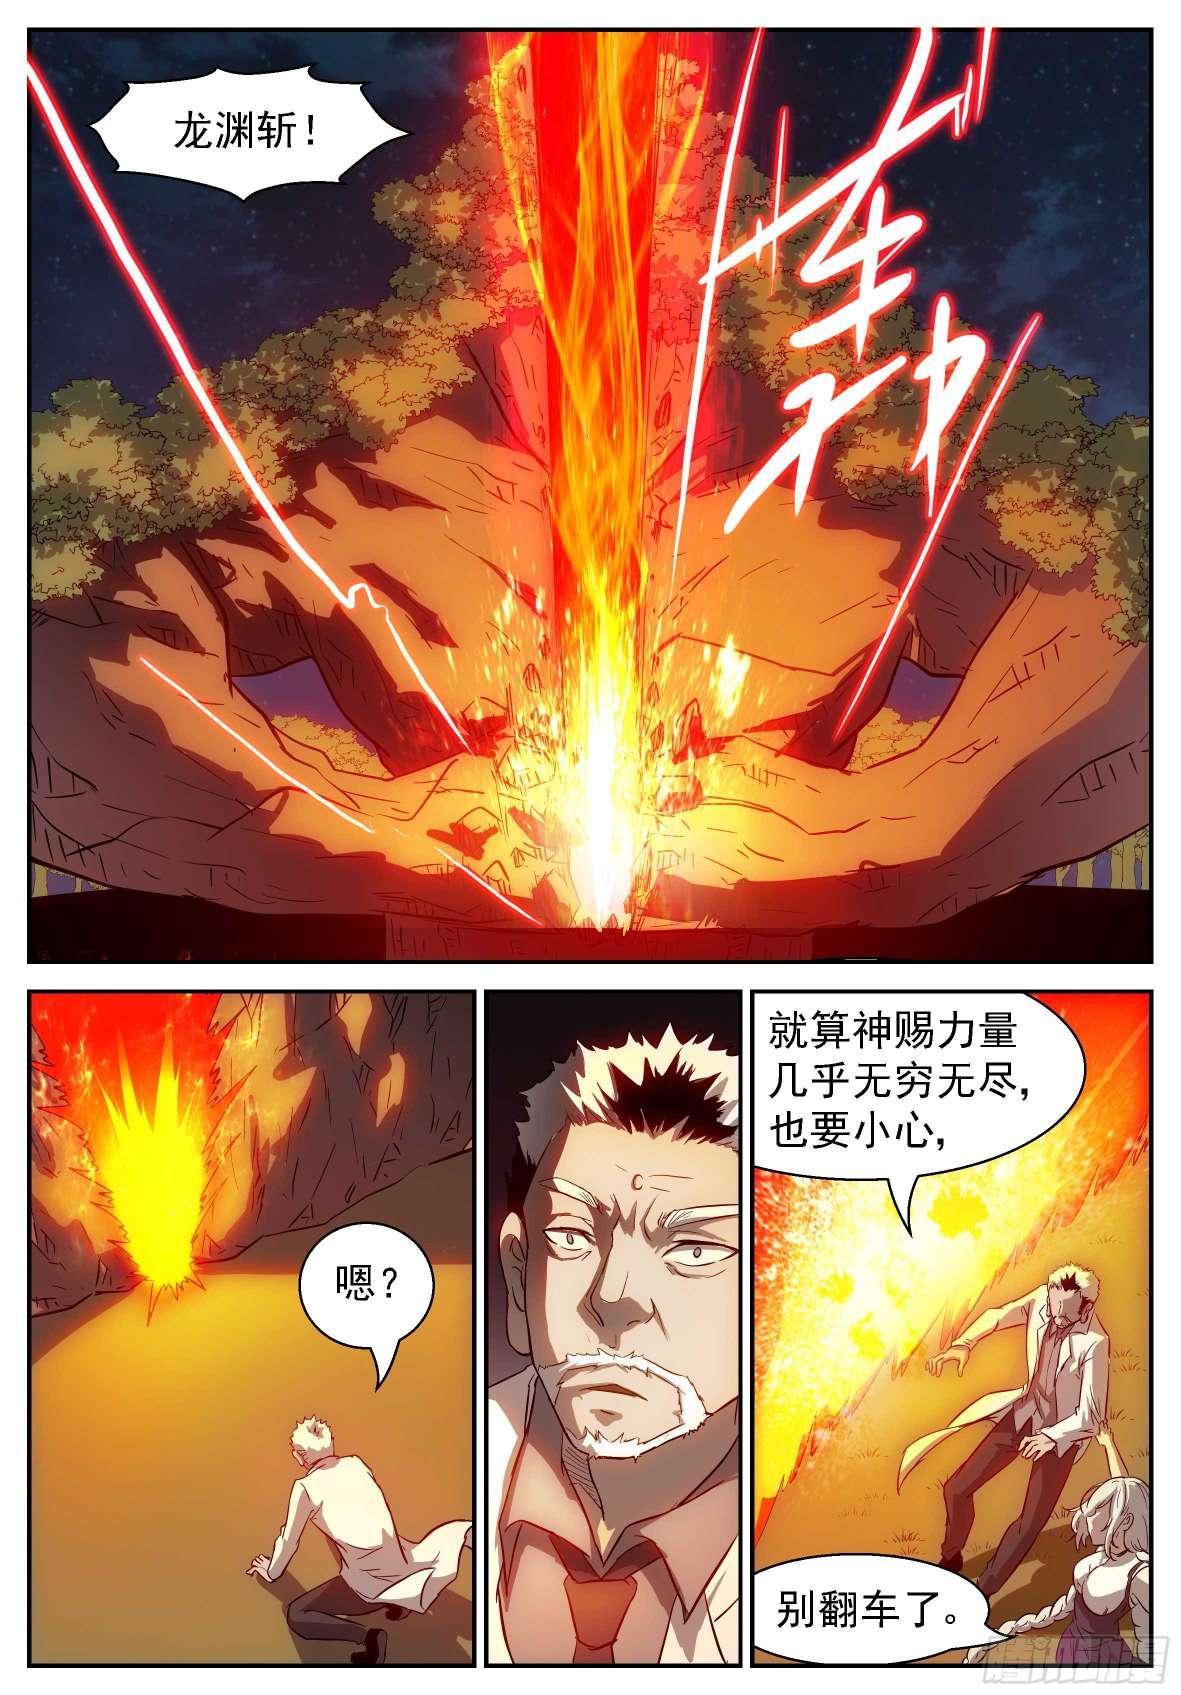 【漫画更新】神俑降临428~429话